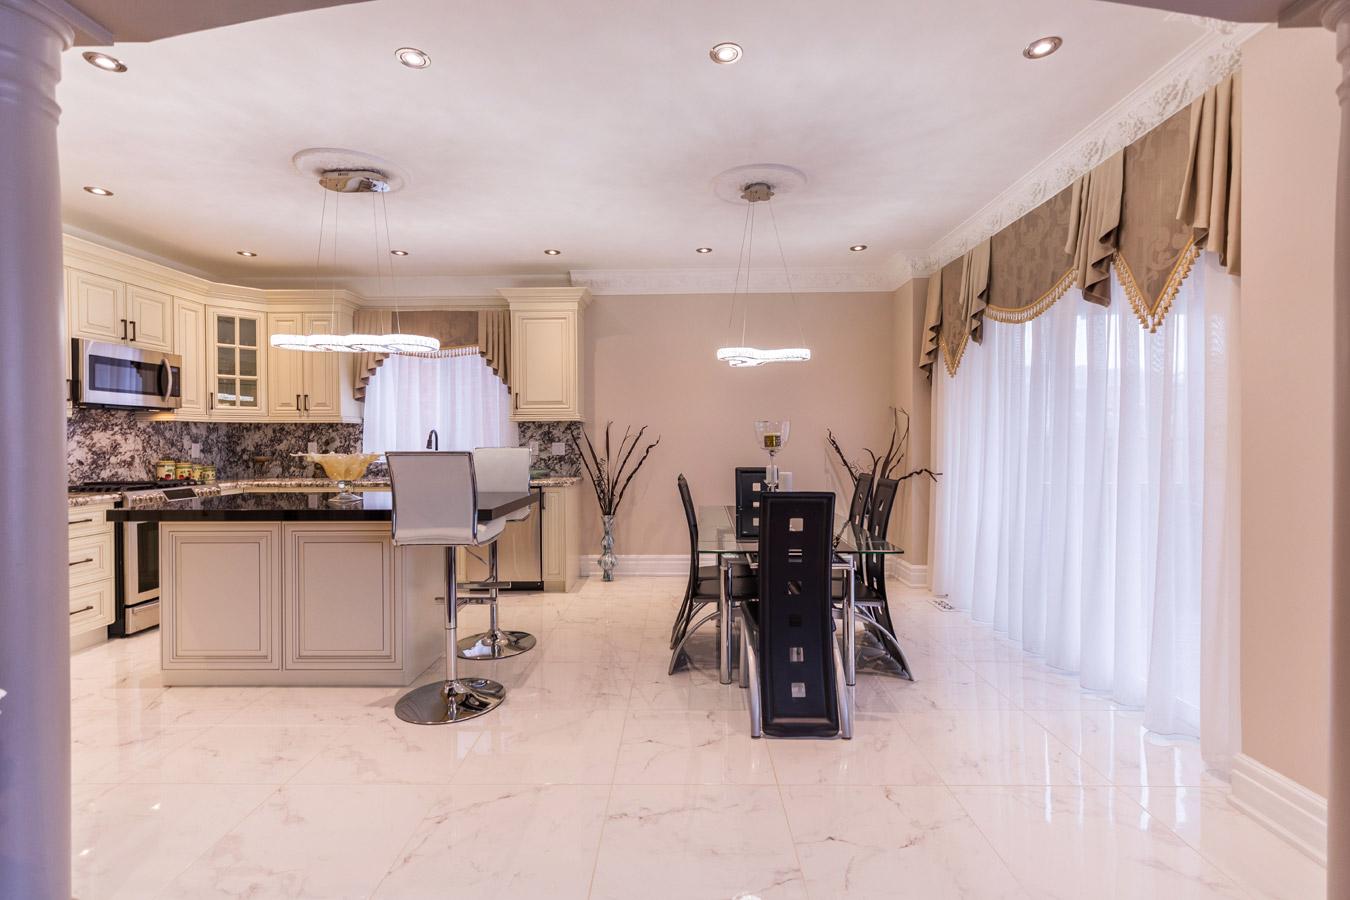 Full Kitchen Renovations 2